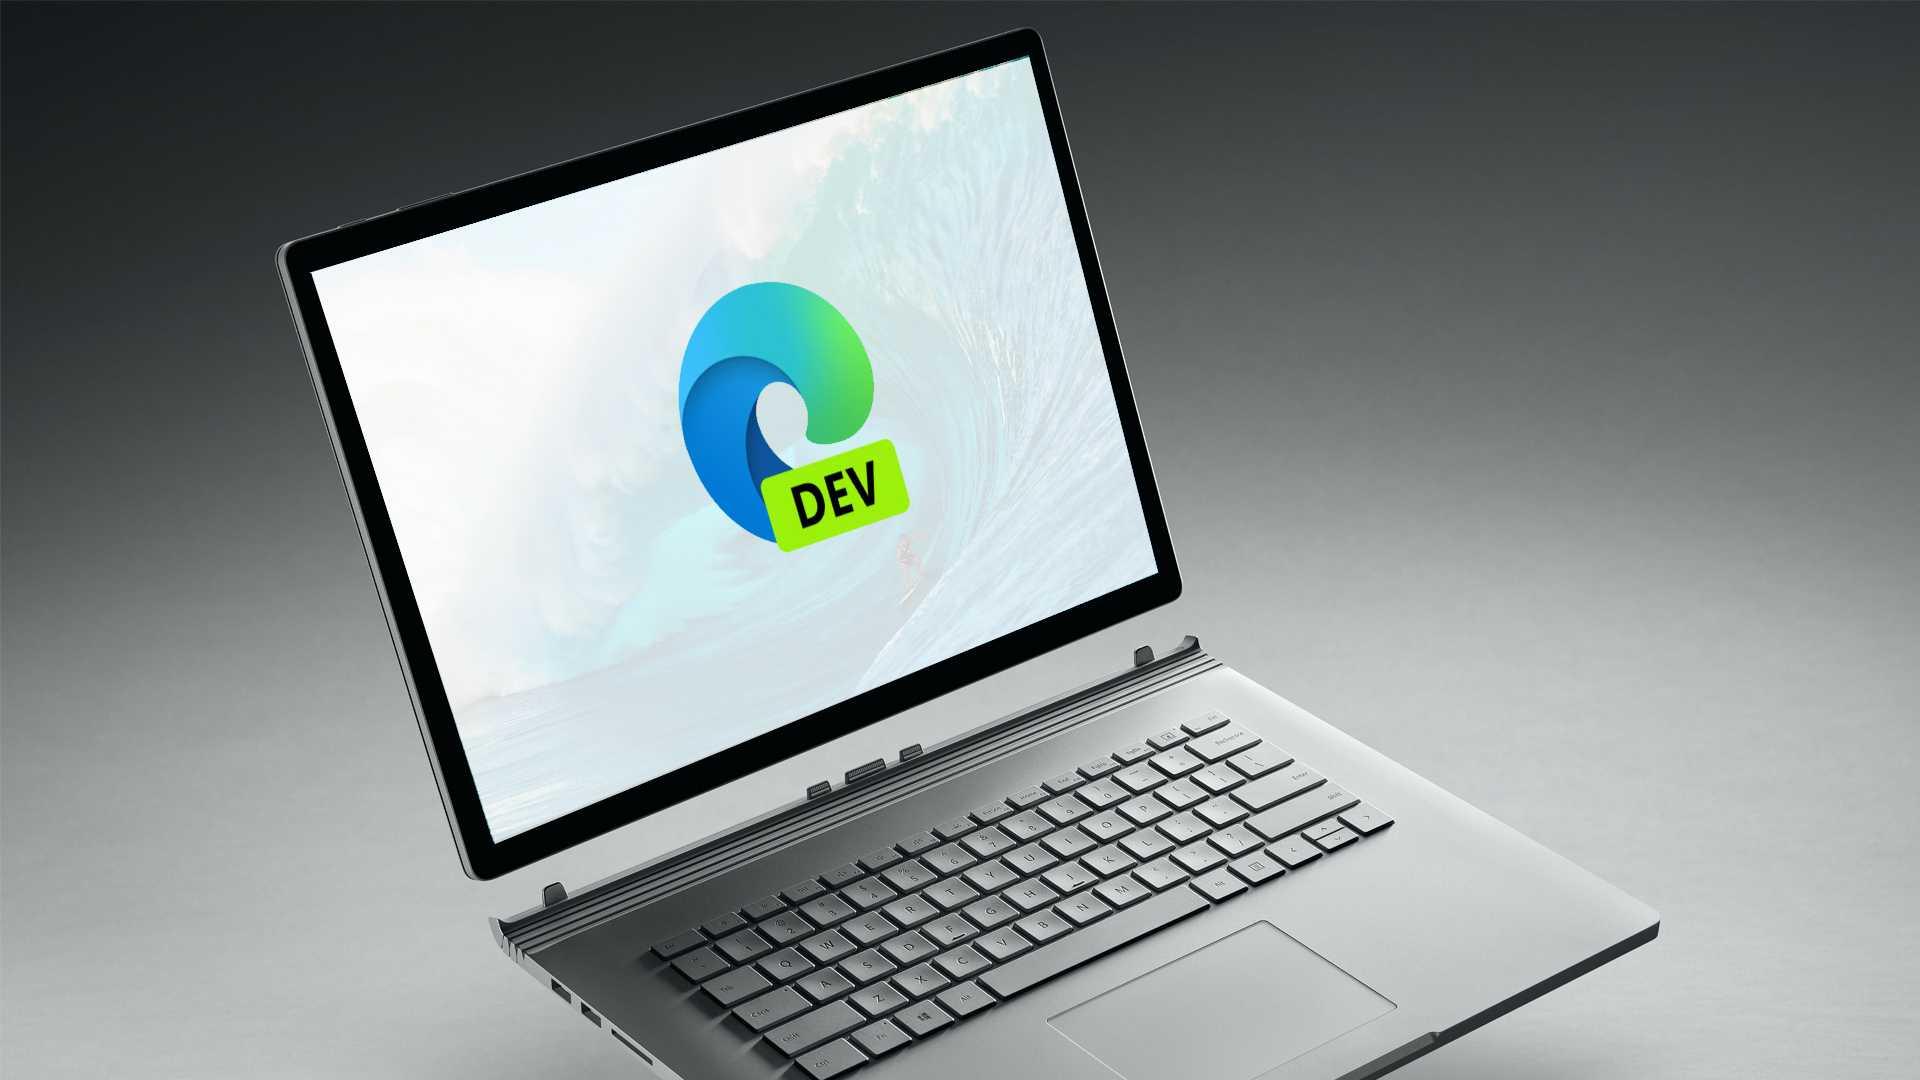 Microsoft Edge Dev est mis à jour vers la version 93.0.933.1.